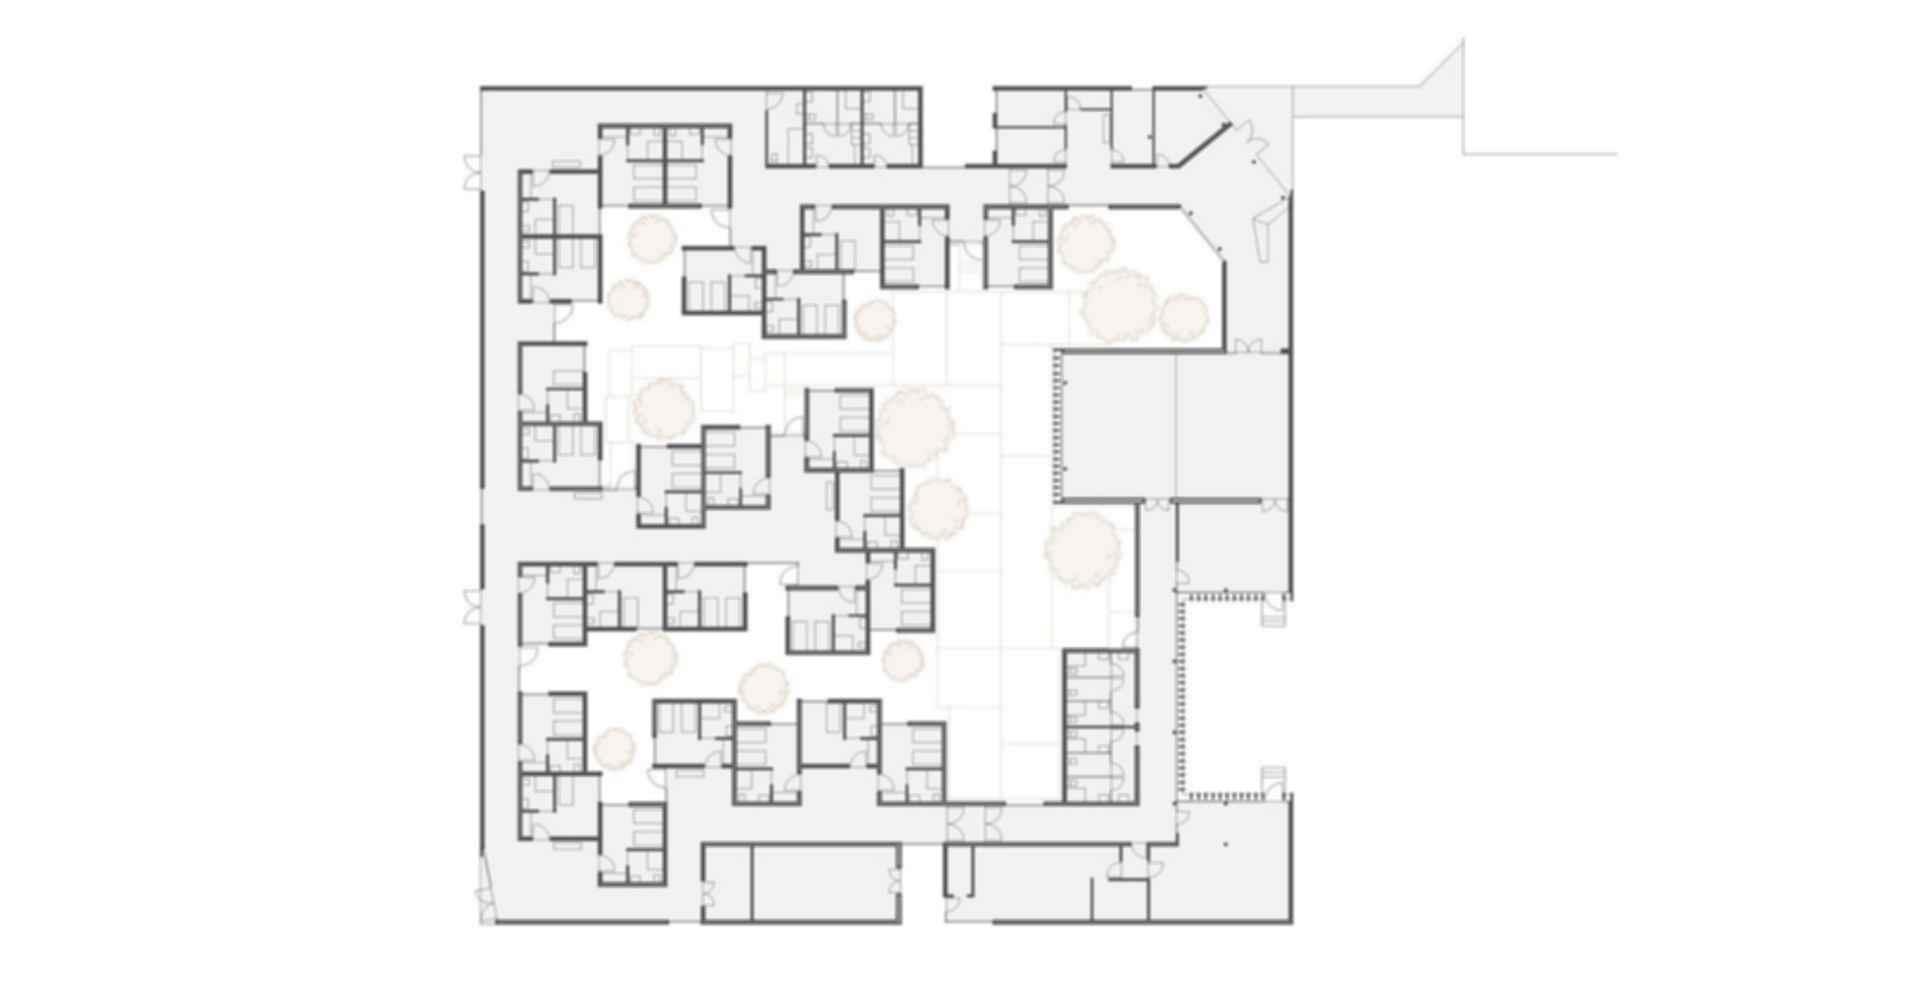 Housing for the Elderly - floor plan